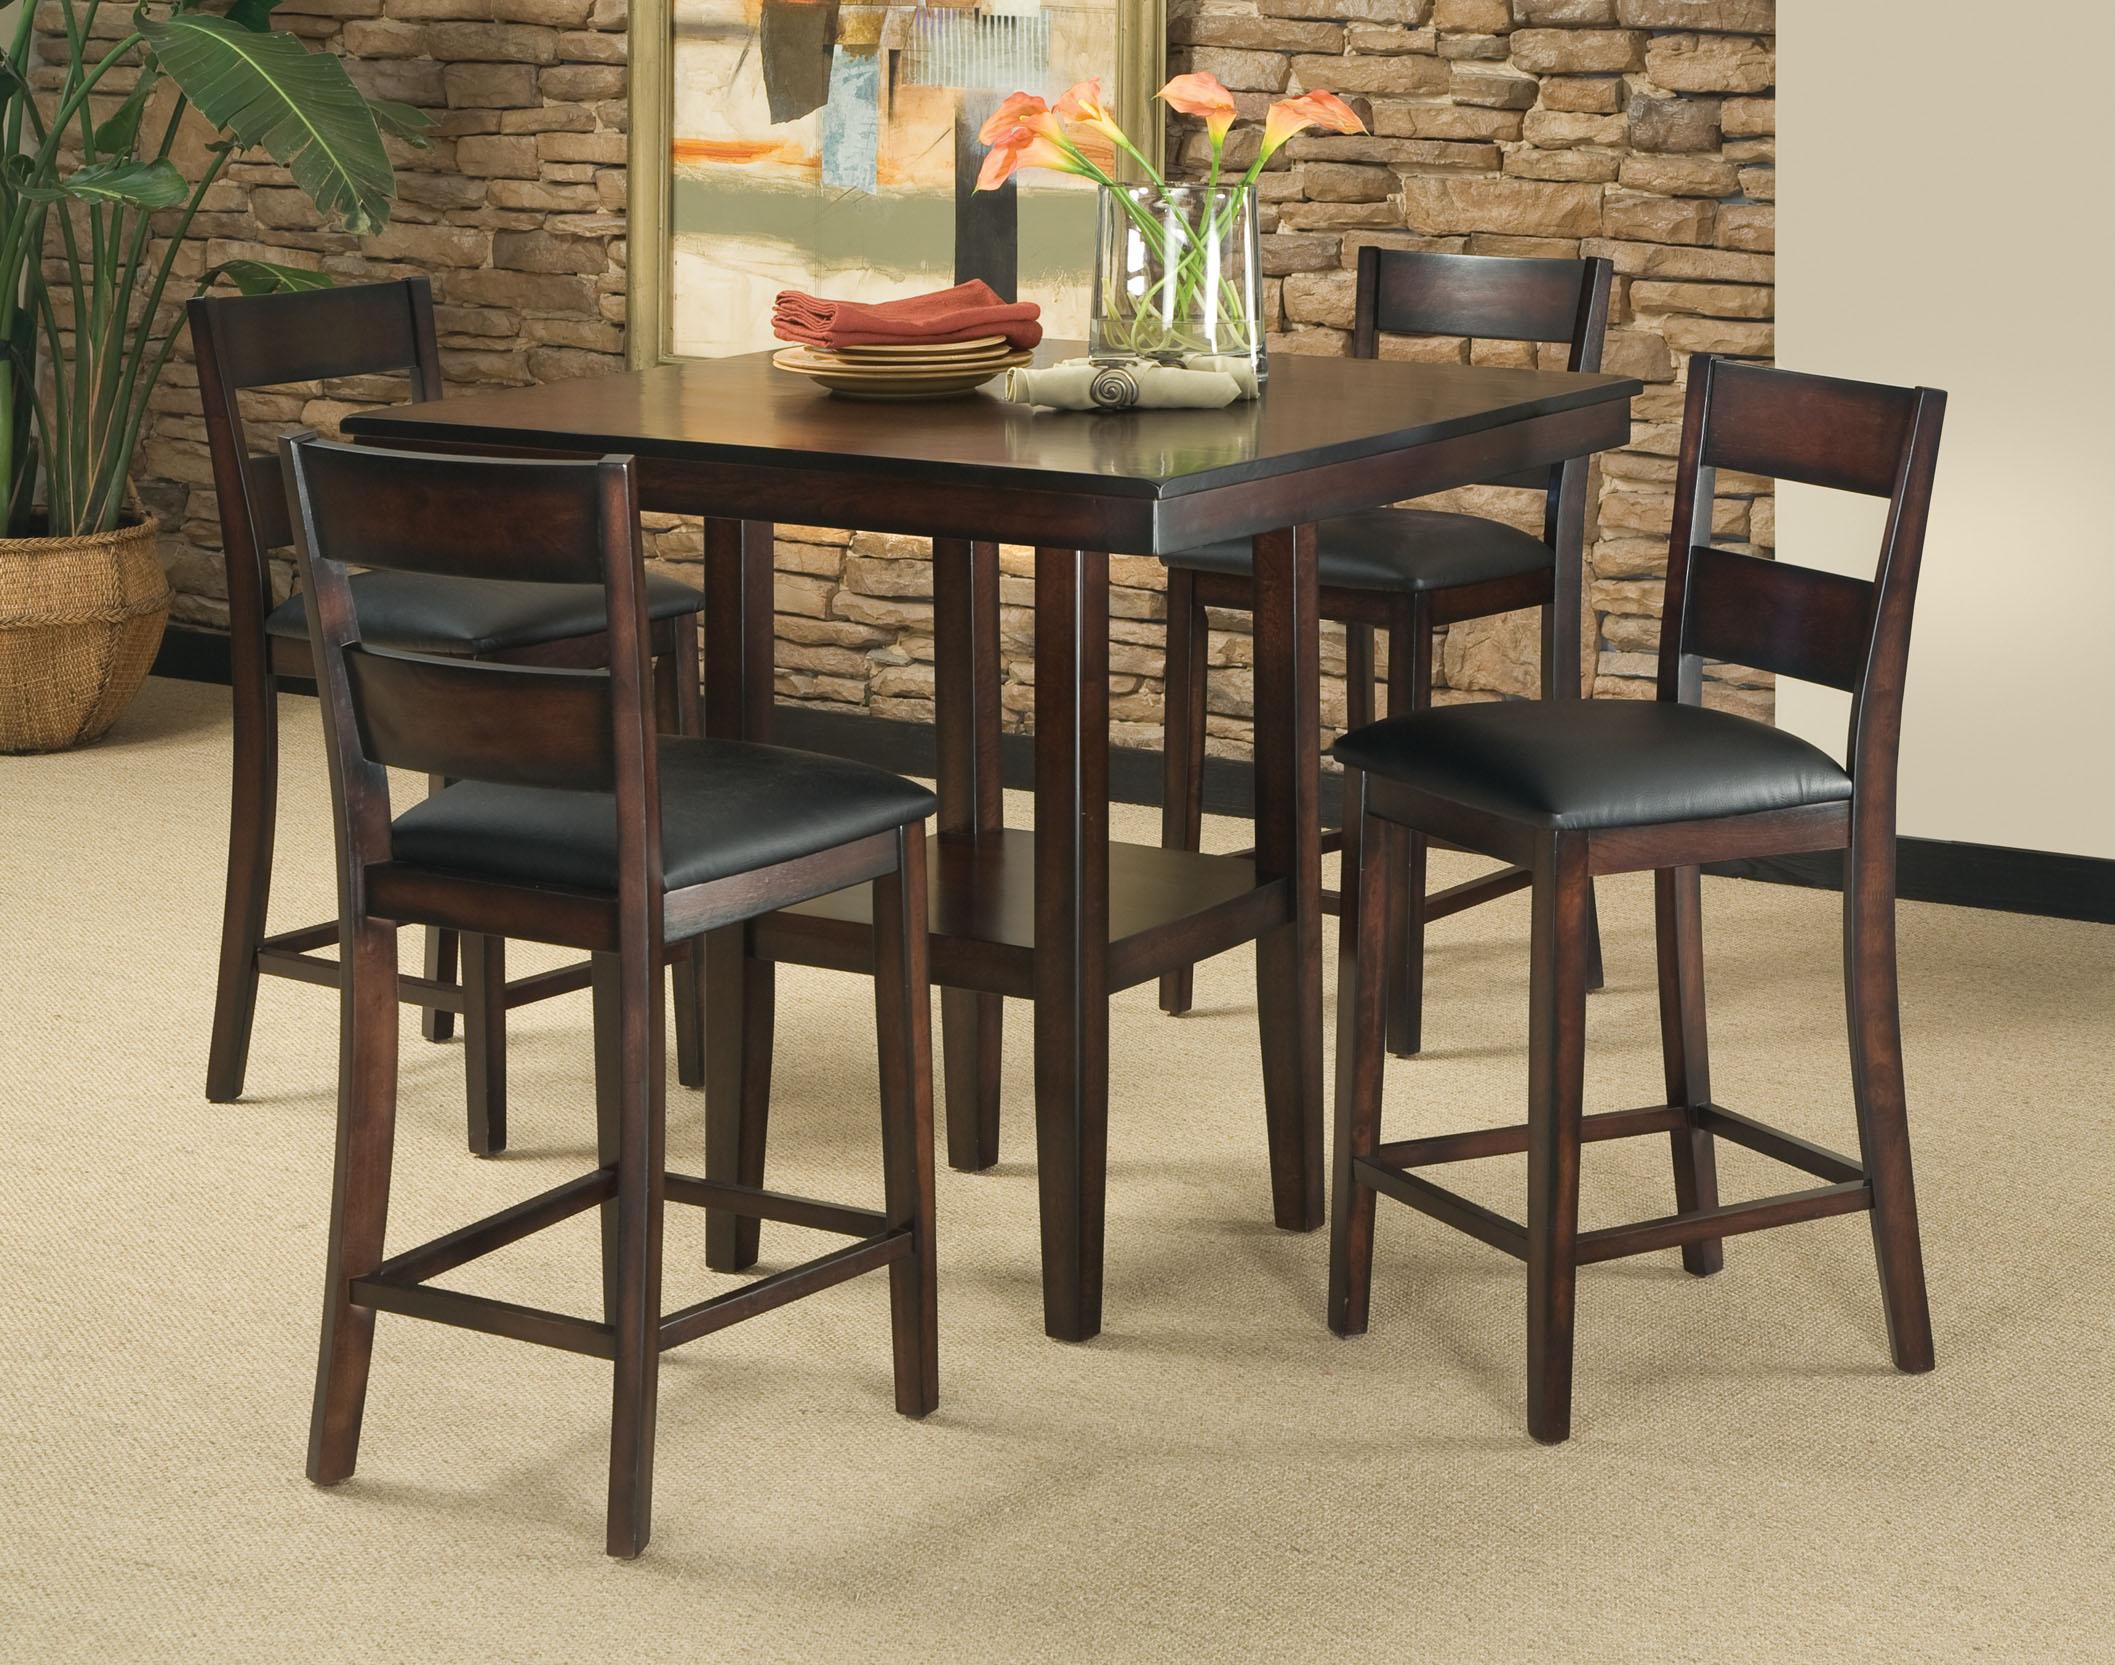 Standard Furniture Pendleton Dining Room 10020 - Home Furniture